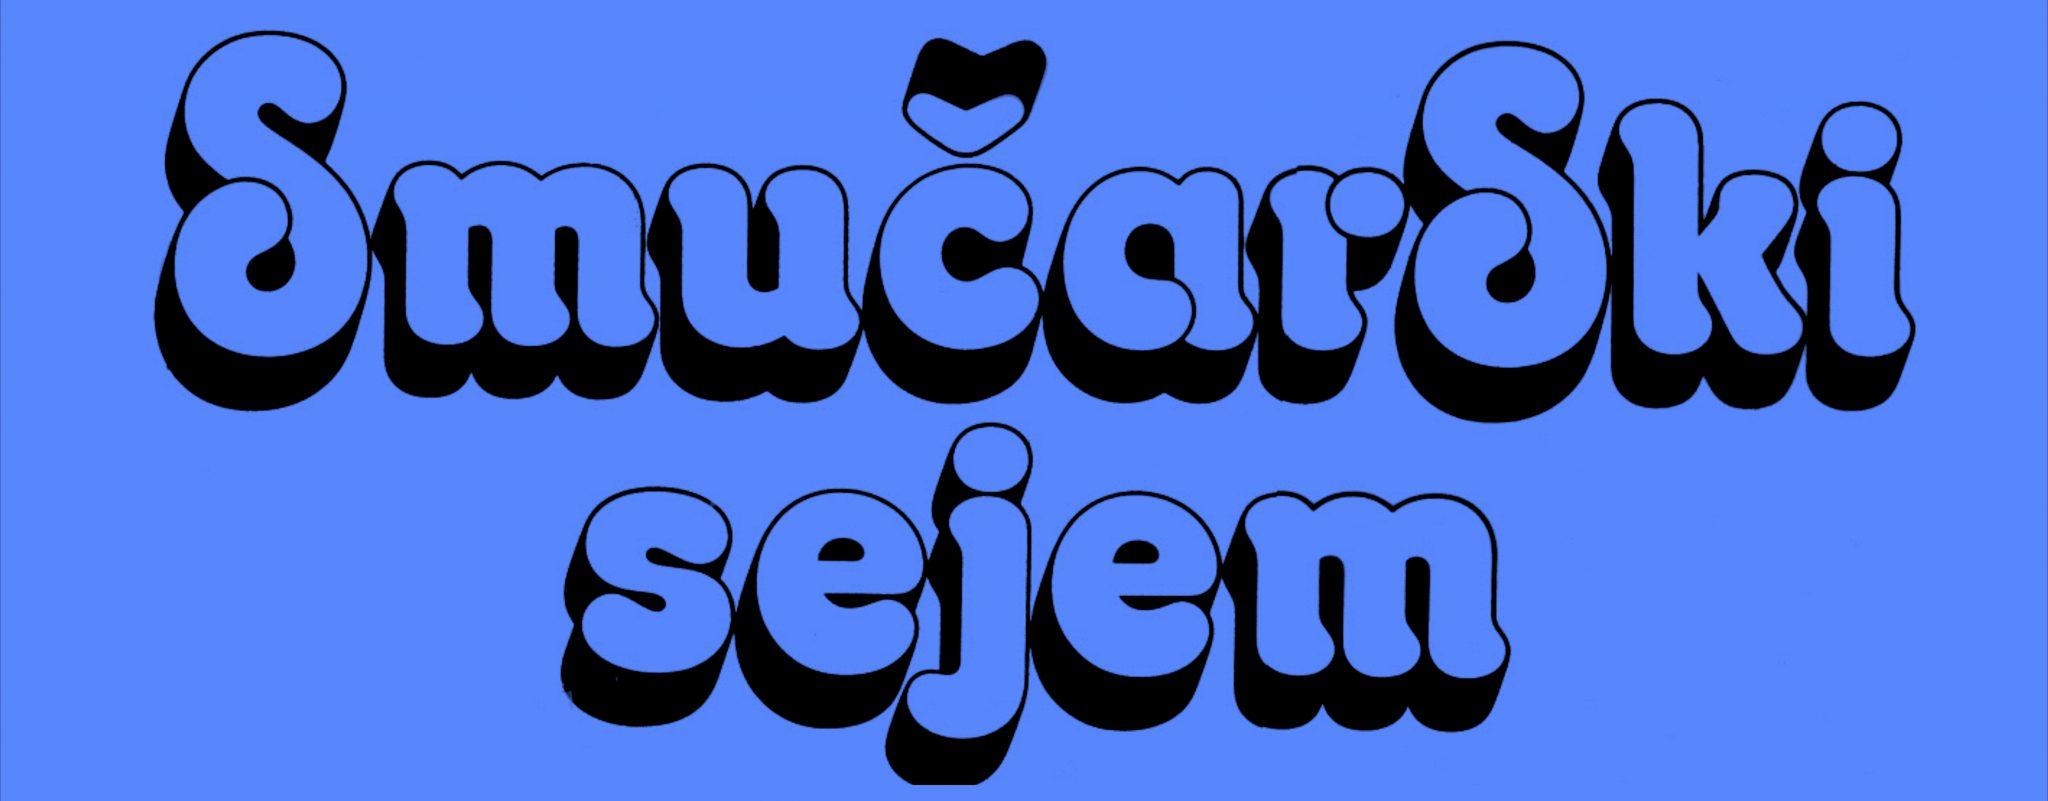 2018 Plakat Sejemrezan